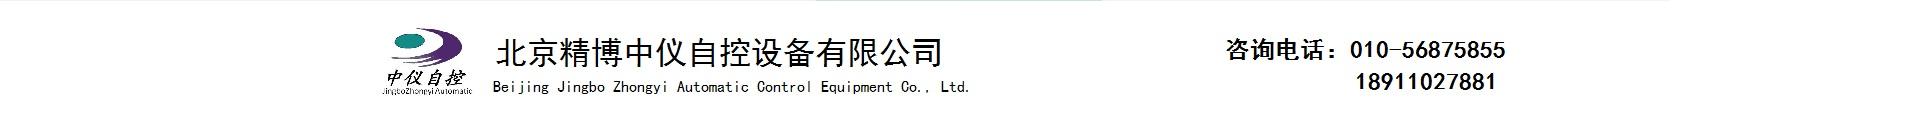 北京精博中仪自控设备有限公司